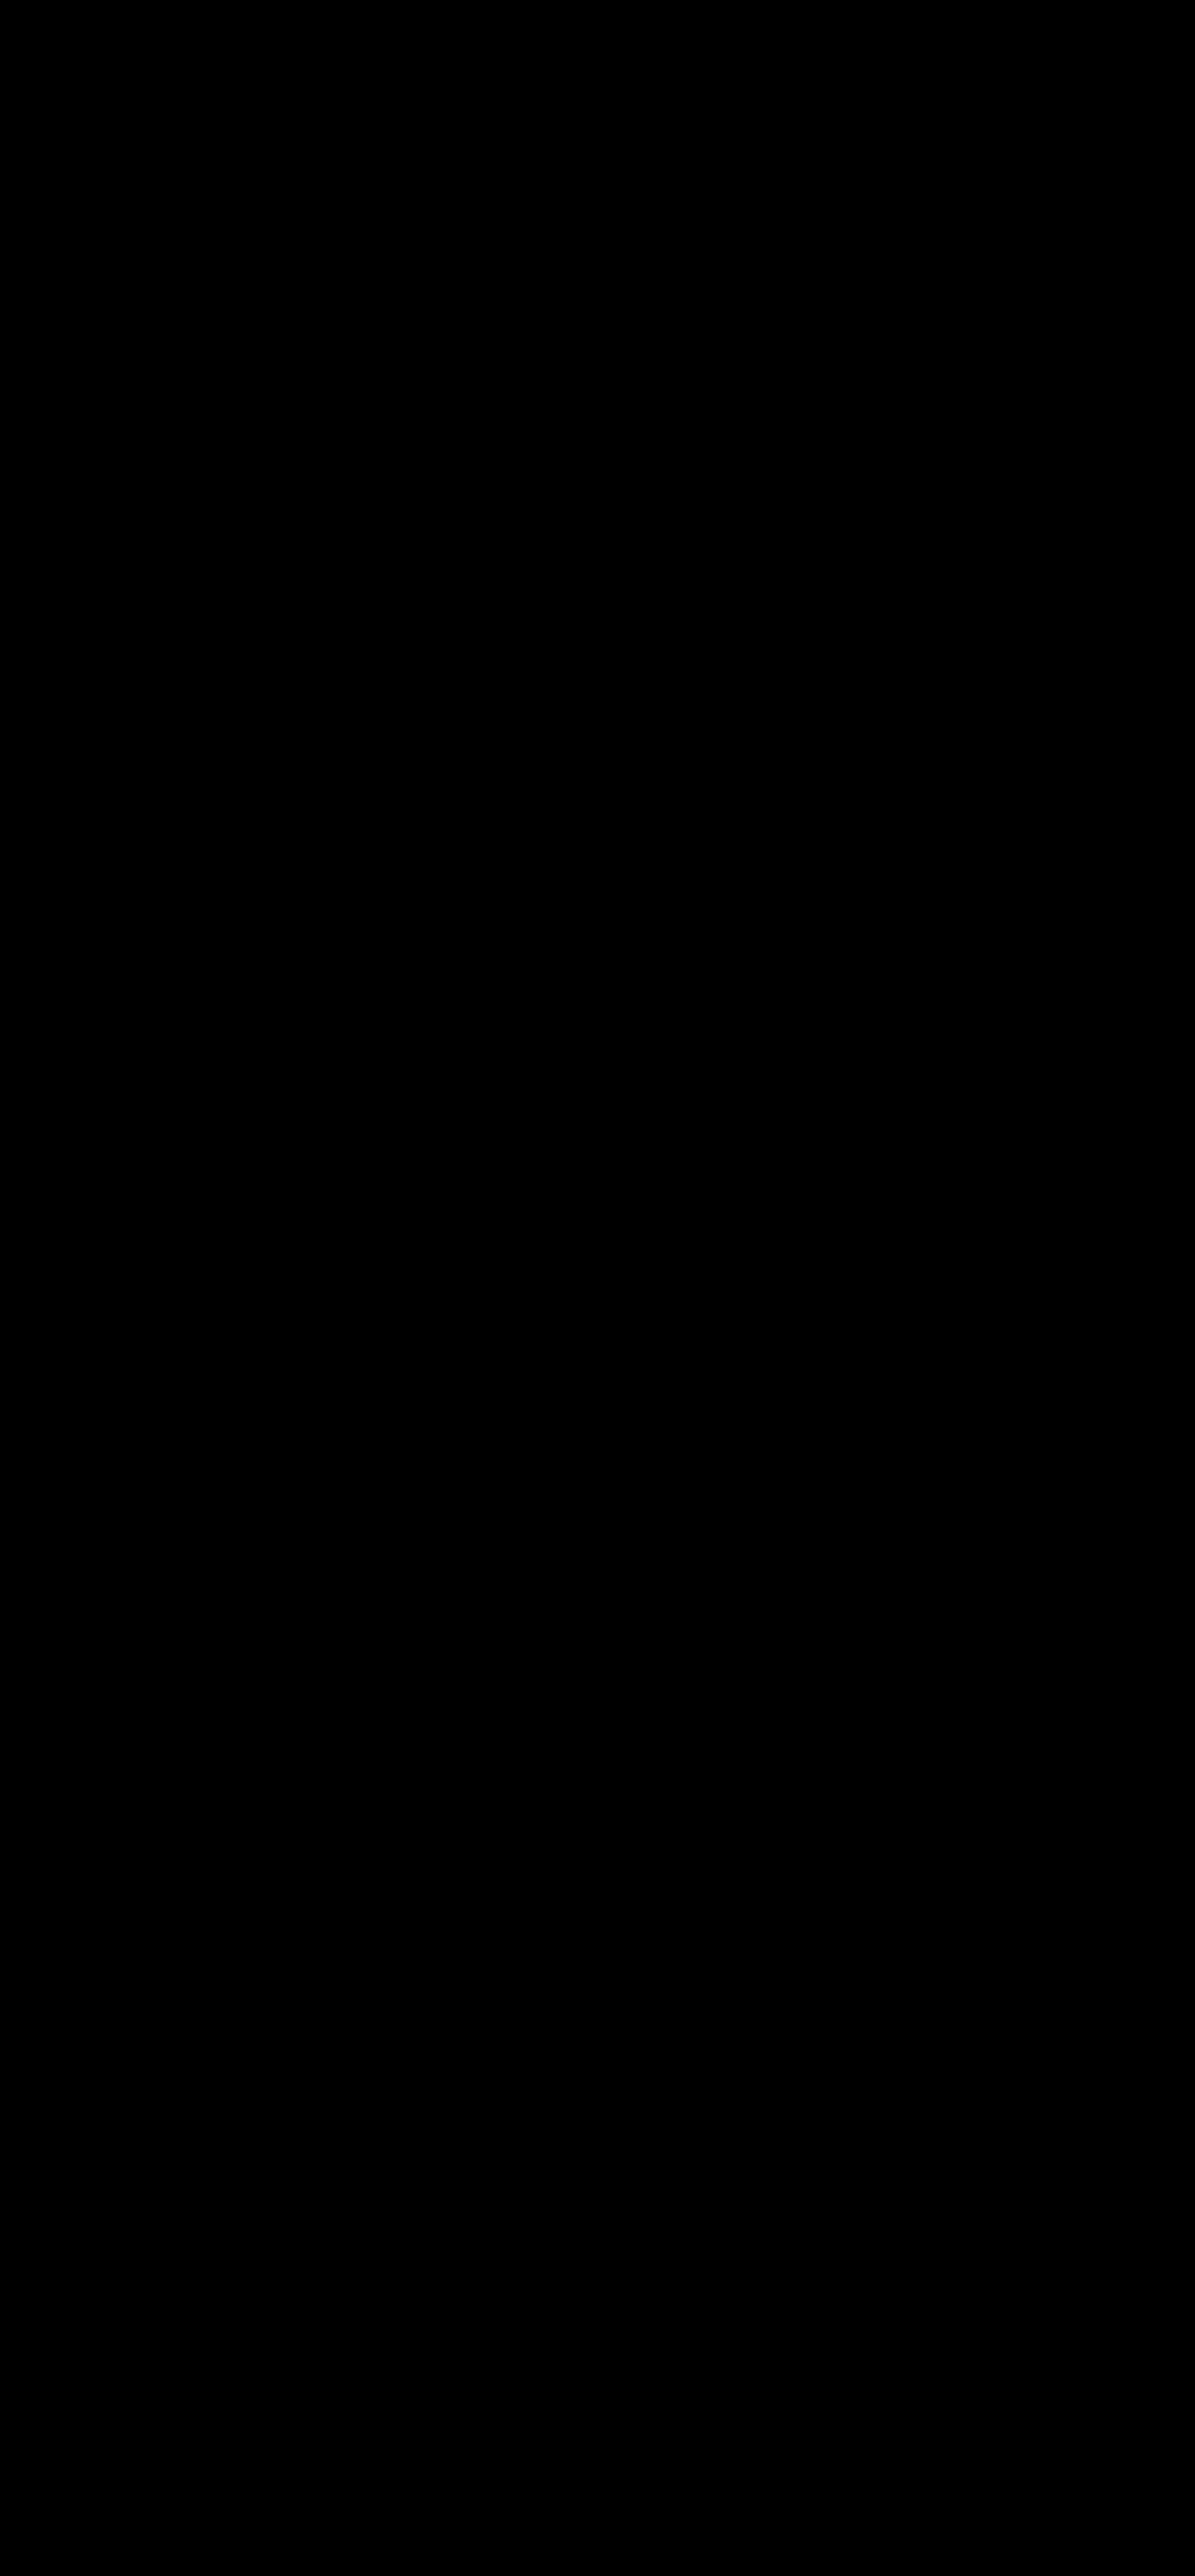 FSI_Infographic_Incoterms_2_300DPI-01